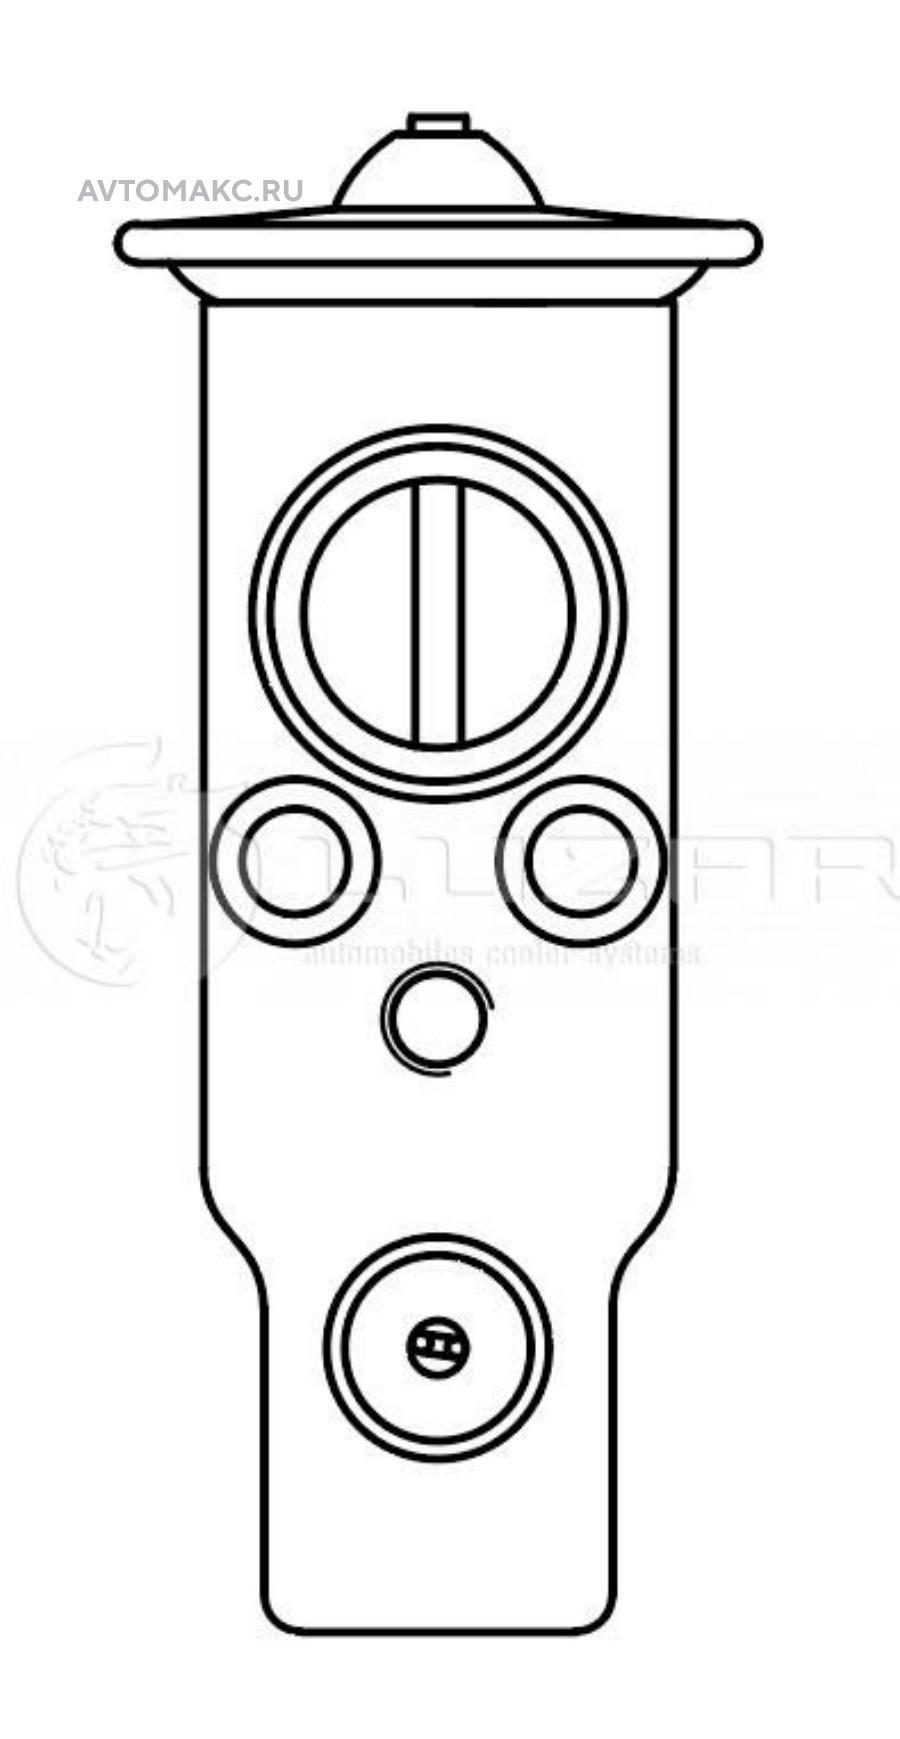 Клапан расширительный кондиционера (ТРВ) Tiida (04-)